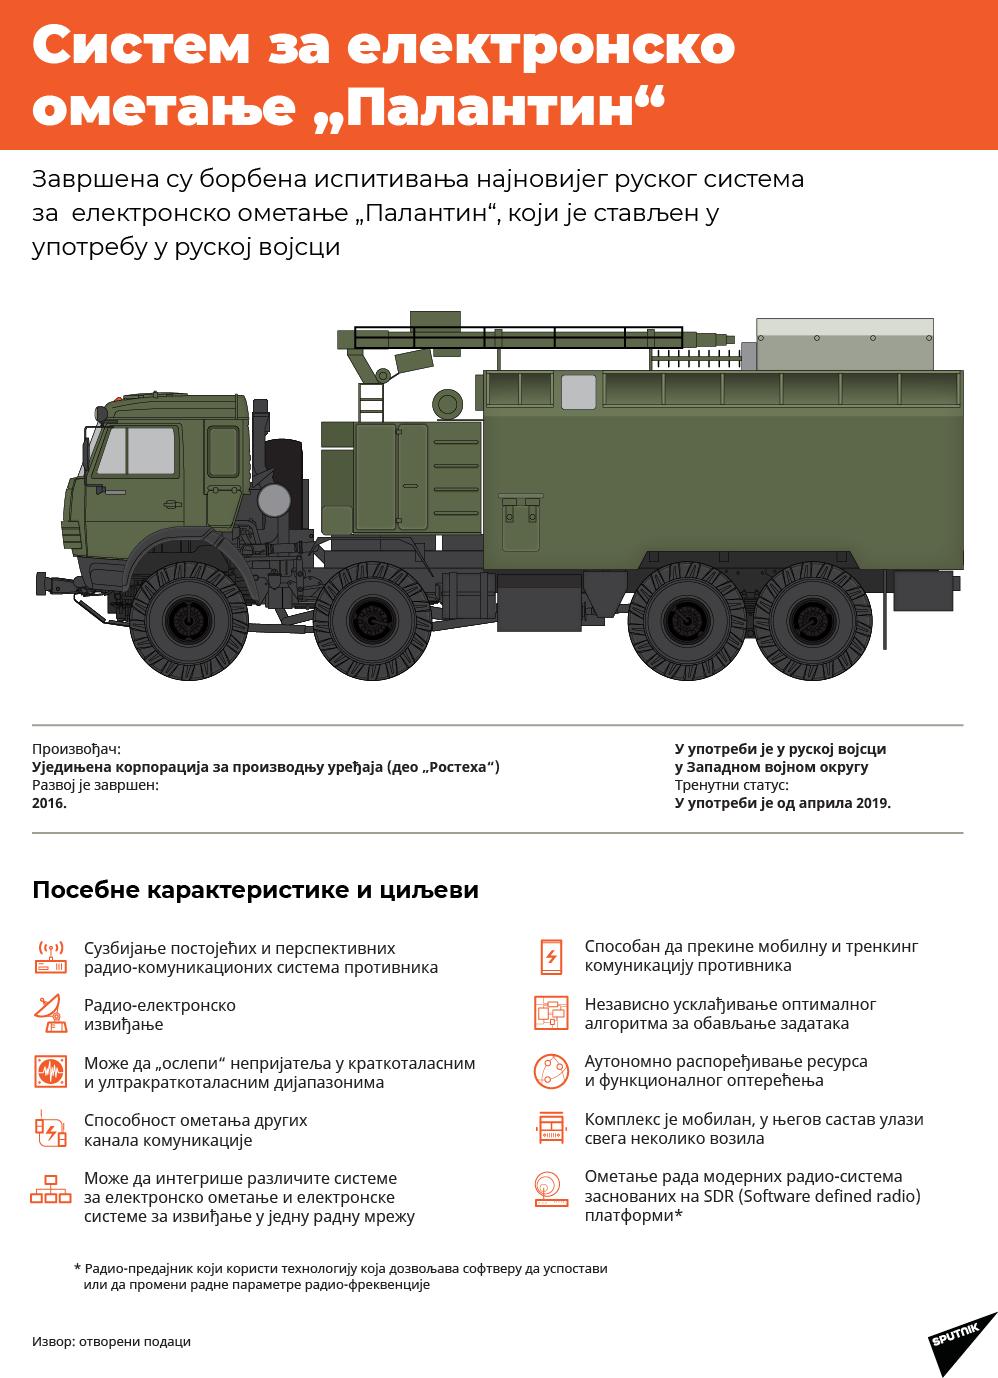 """Руски систем за електронско ометање """"Палантин"""" - Sputnik Србија"""